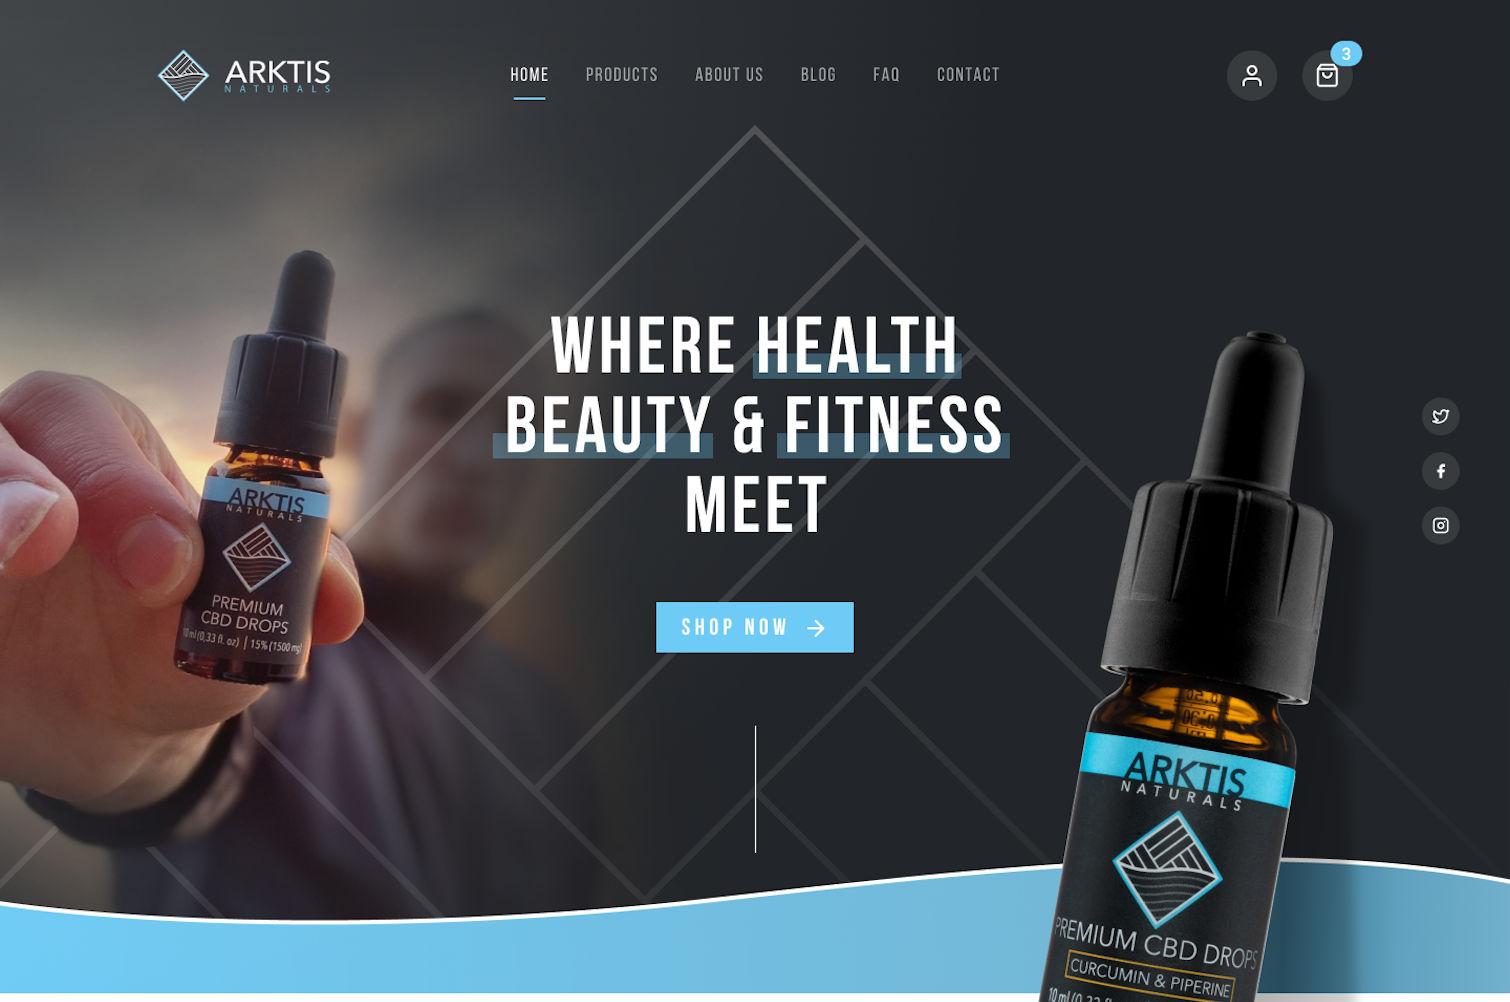 Arktis Natural Website Design by Cude Design